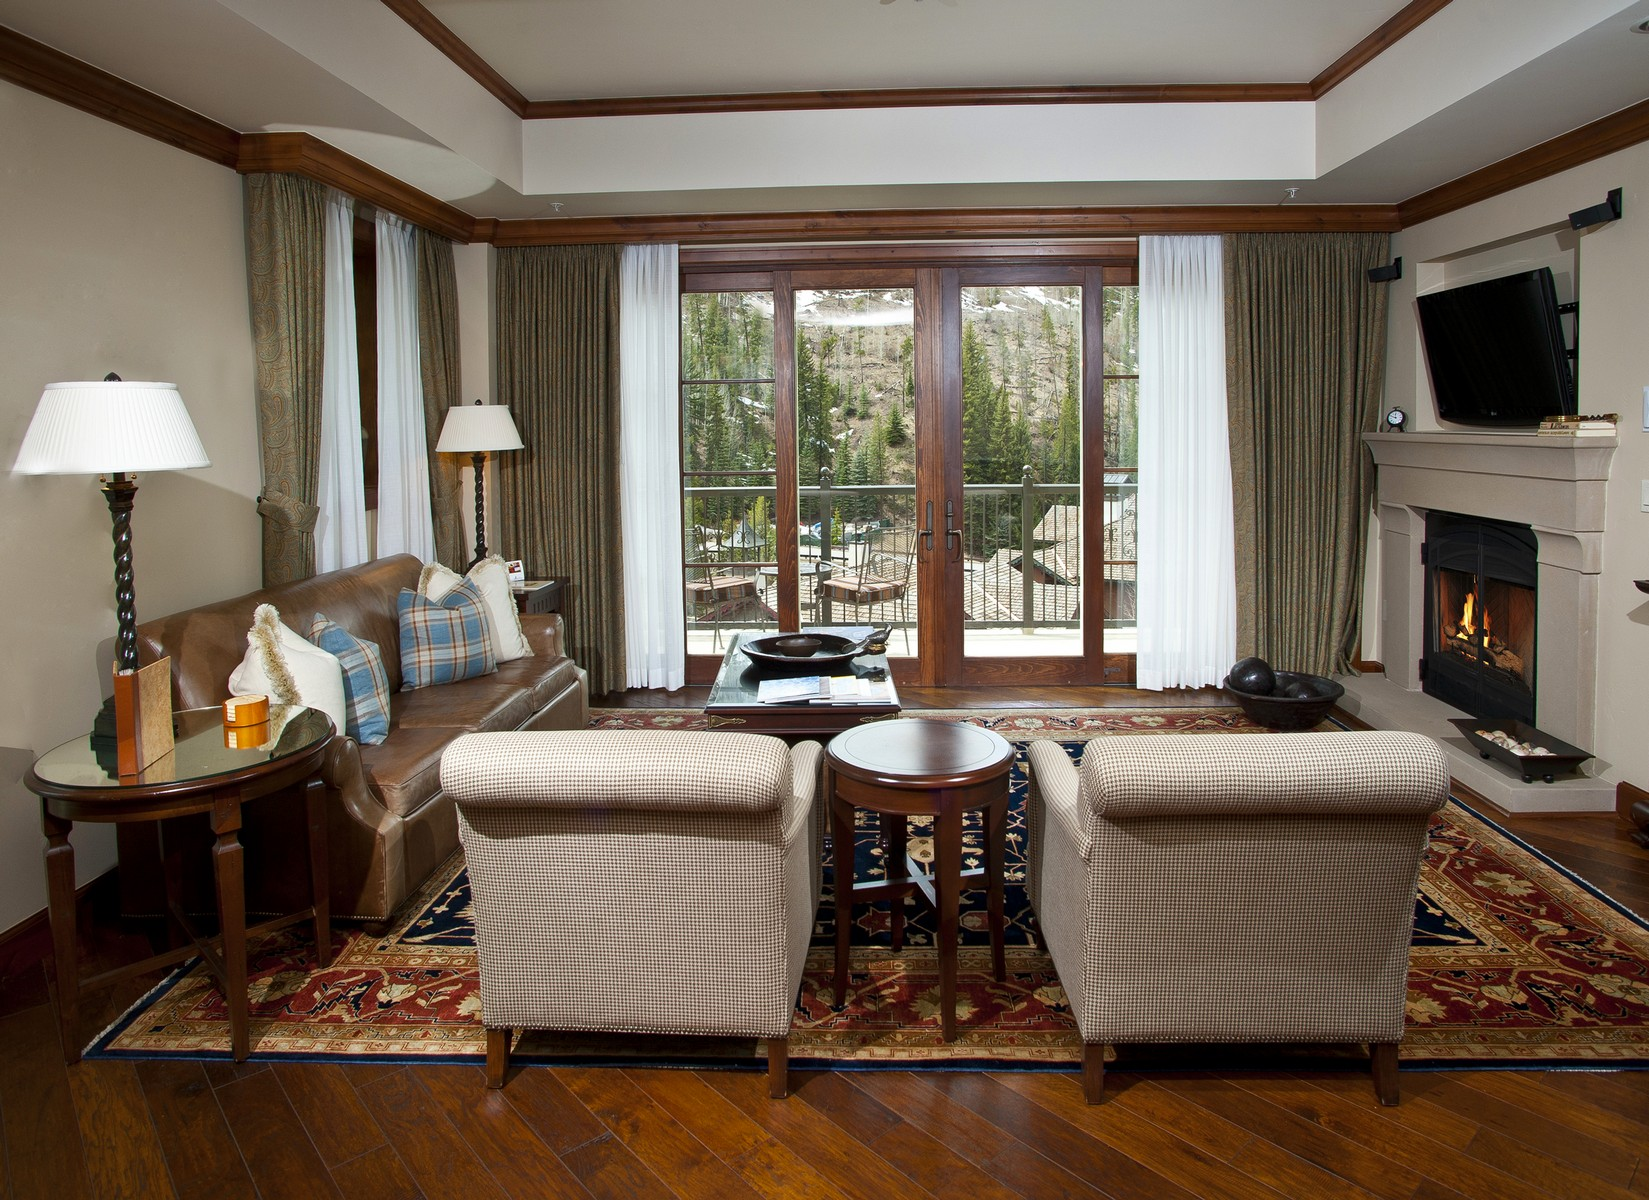 部分所有权 为 销售 在 The Ritz-Carlton Club, Vail 728 West Lionshead Cir #428-23 韦尔, 科罗拉多州, 81657 美国